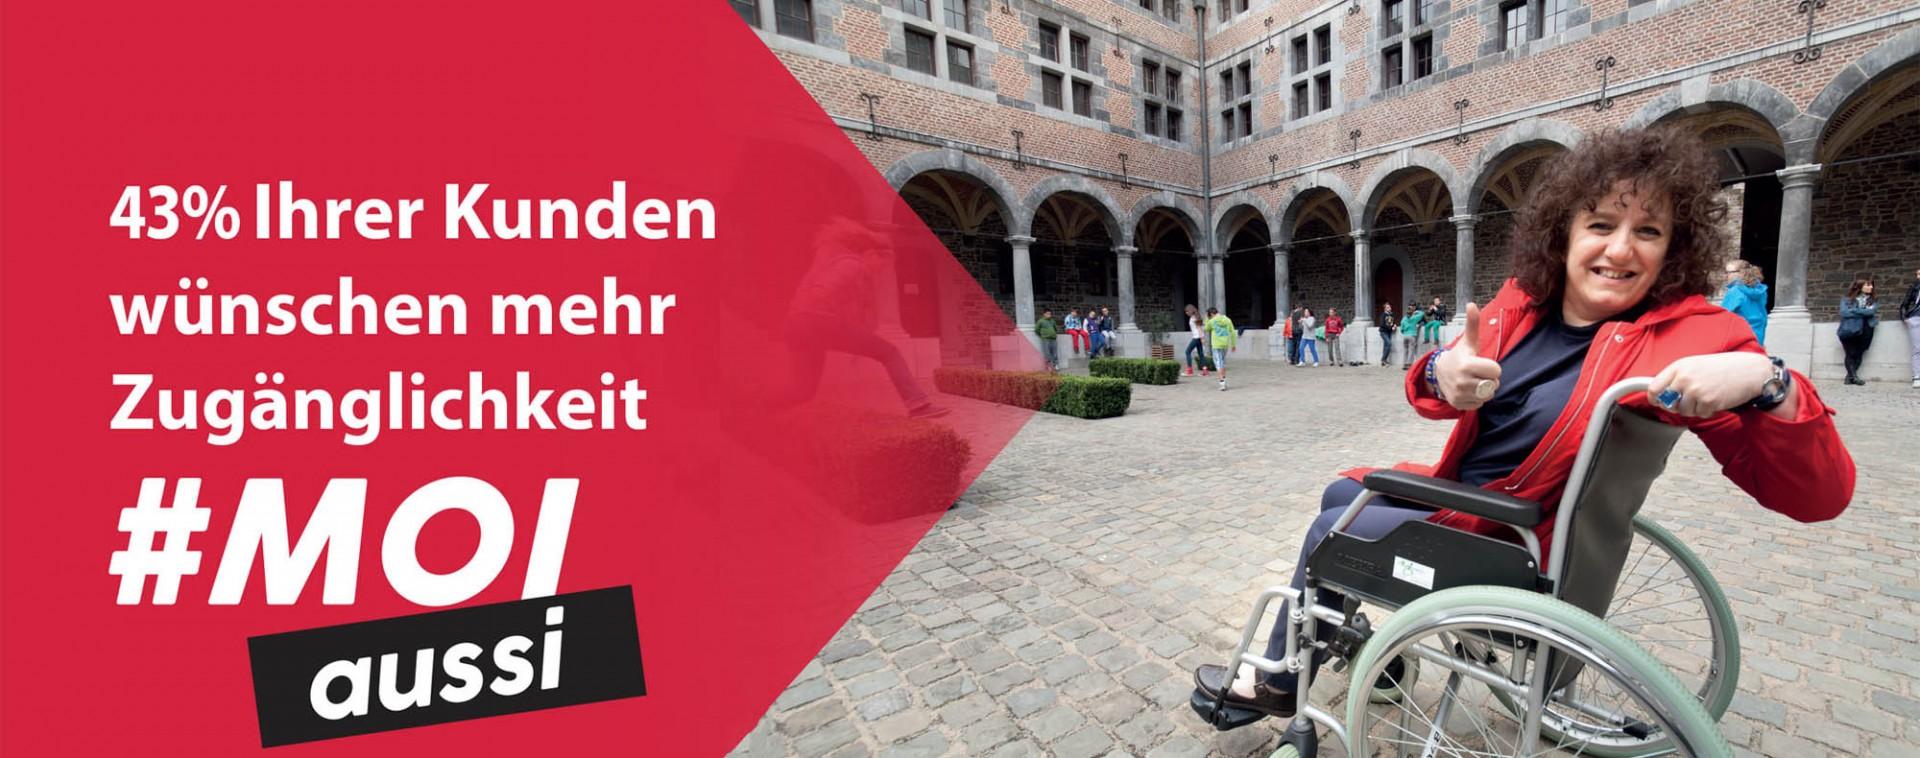 Zugänglichkeit in der Provinz Lüttich #Moi aussi | © FTPL